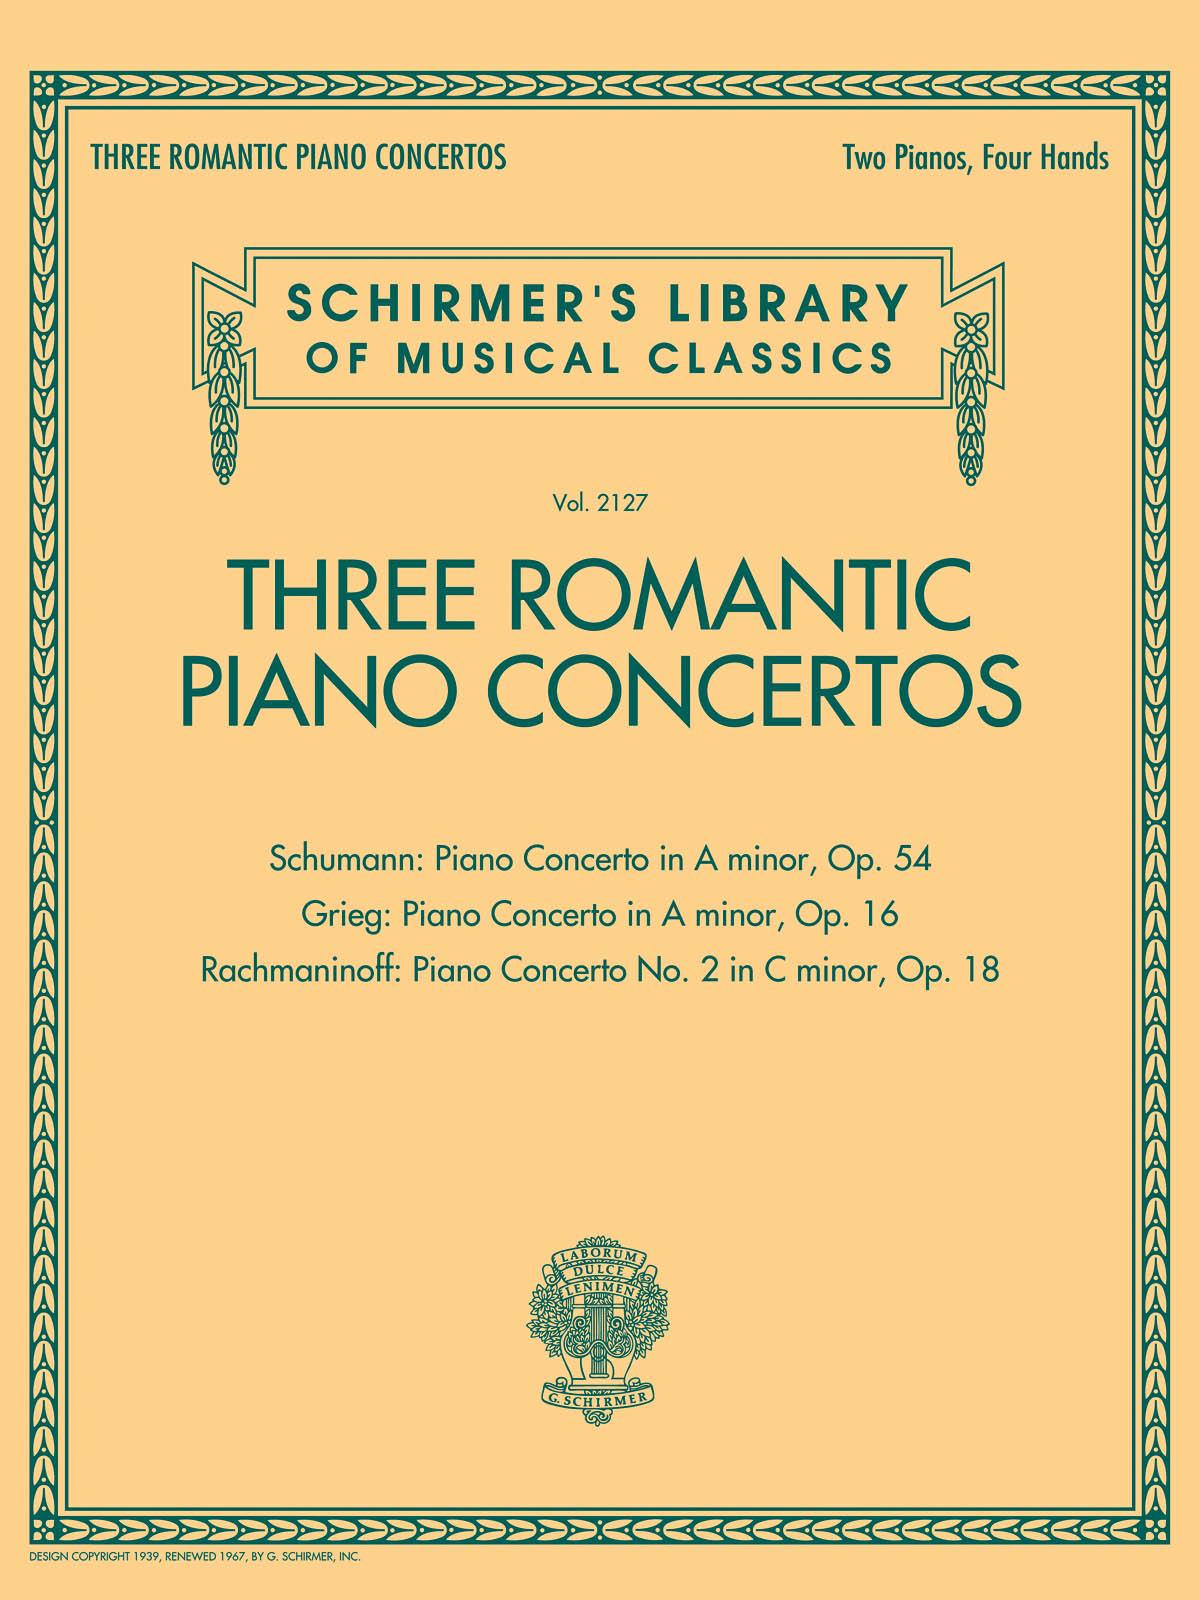 3 Romantic Piano Concertos